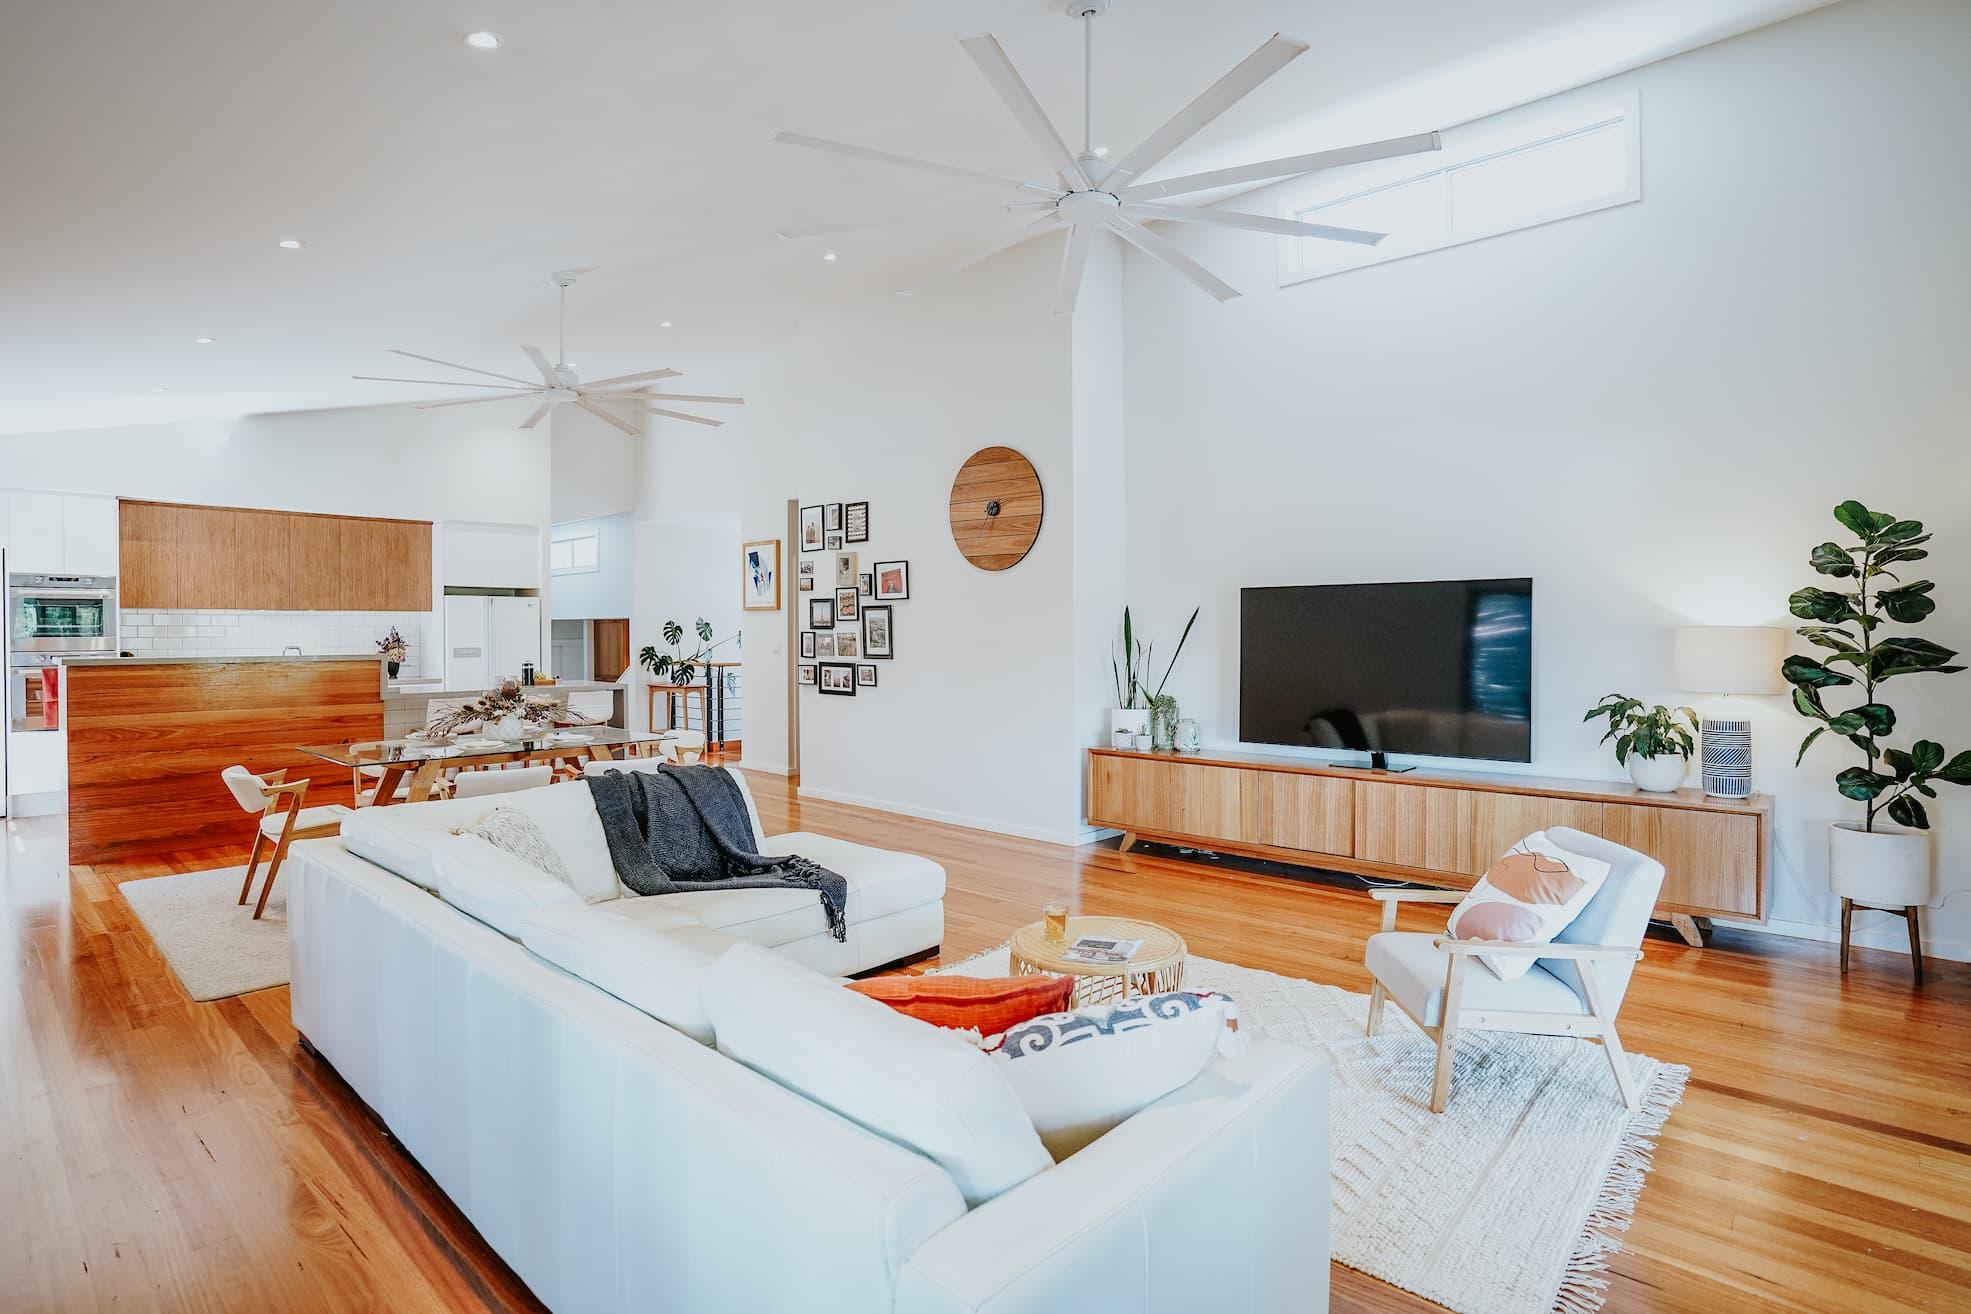 Locspec Building Oak Flats Renovation - living room.